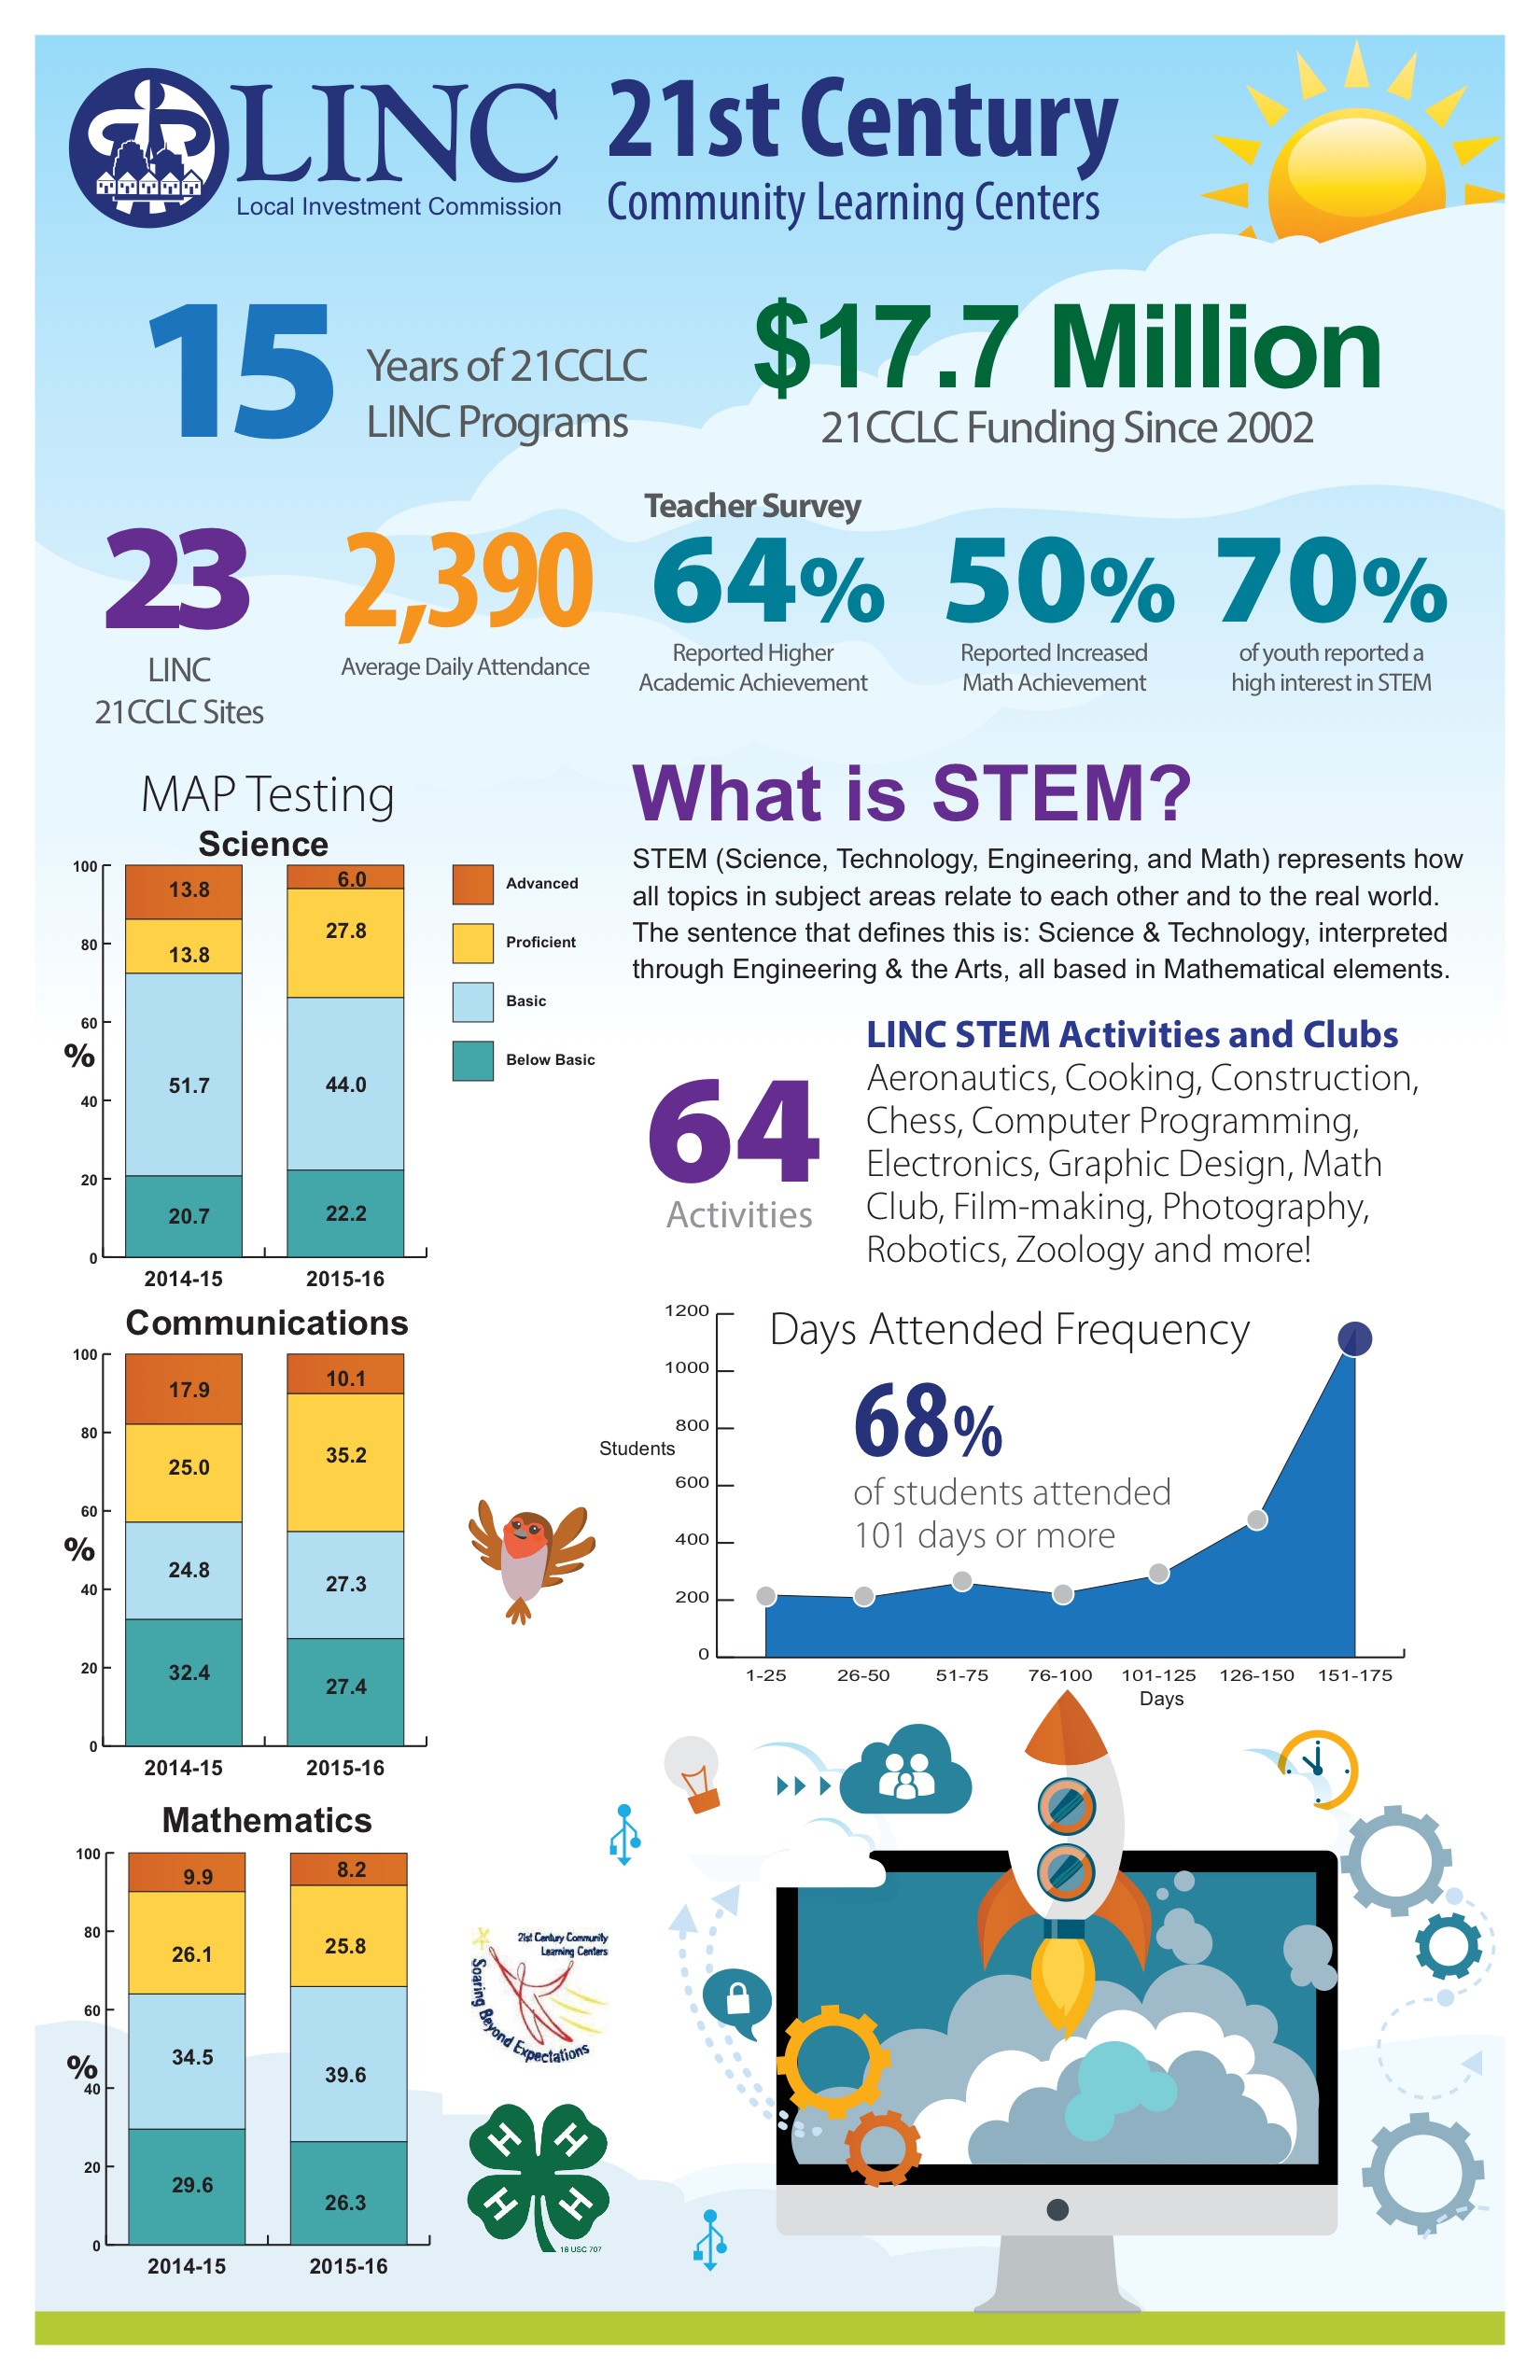 infographic-21c-20171204-11x17 copy 2.jpg